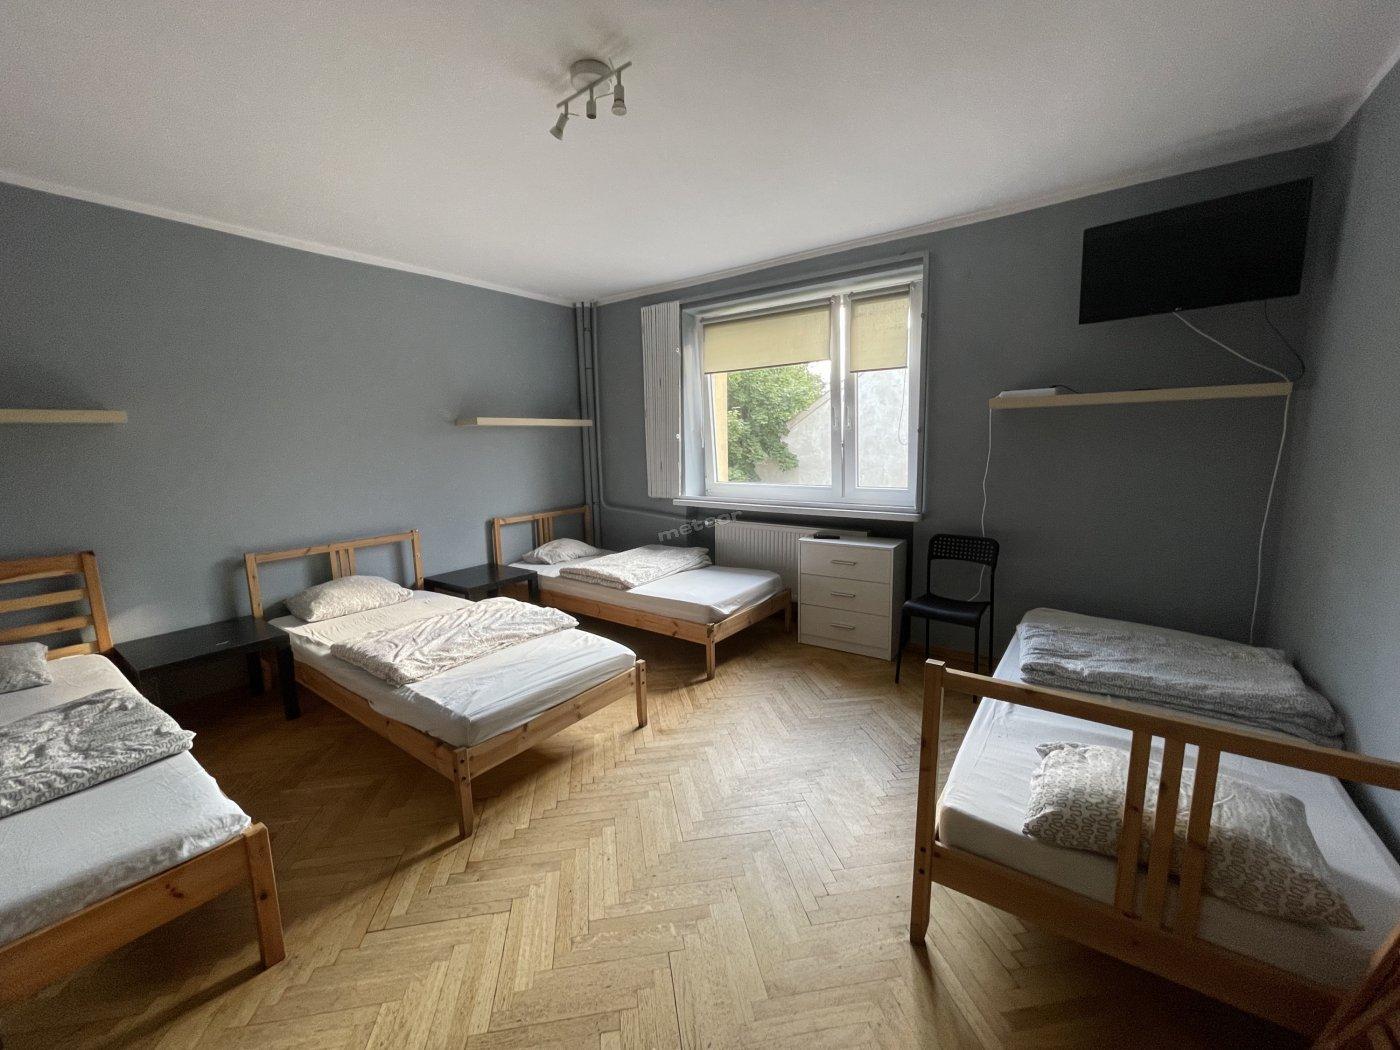 Pokoje dla pracowników w Warszawie | noclegi